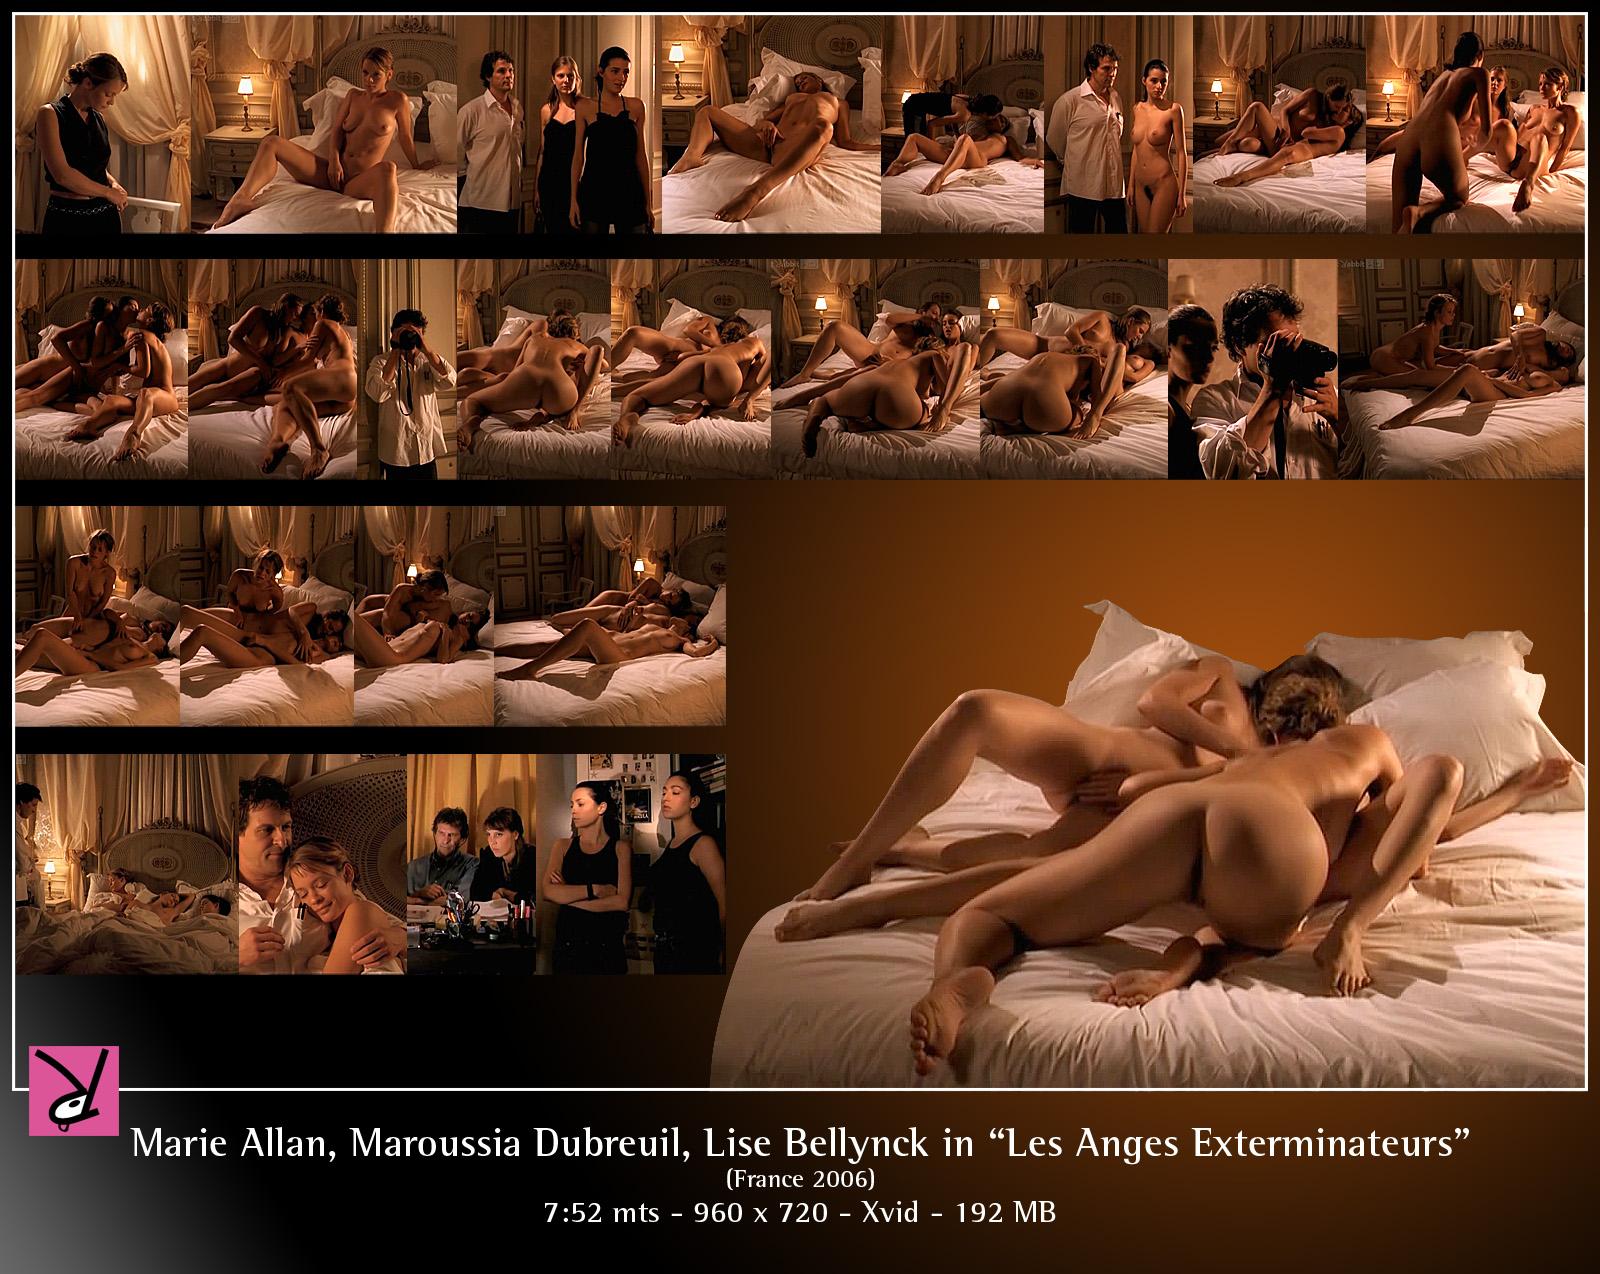 Les anges exterminateurs sex scenes